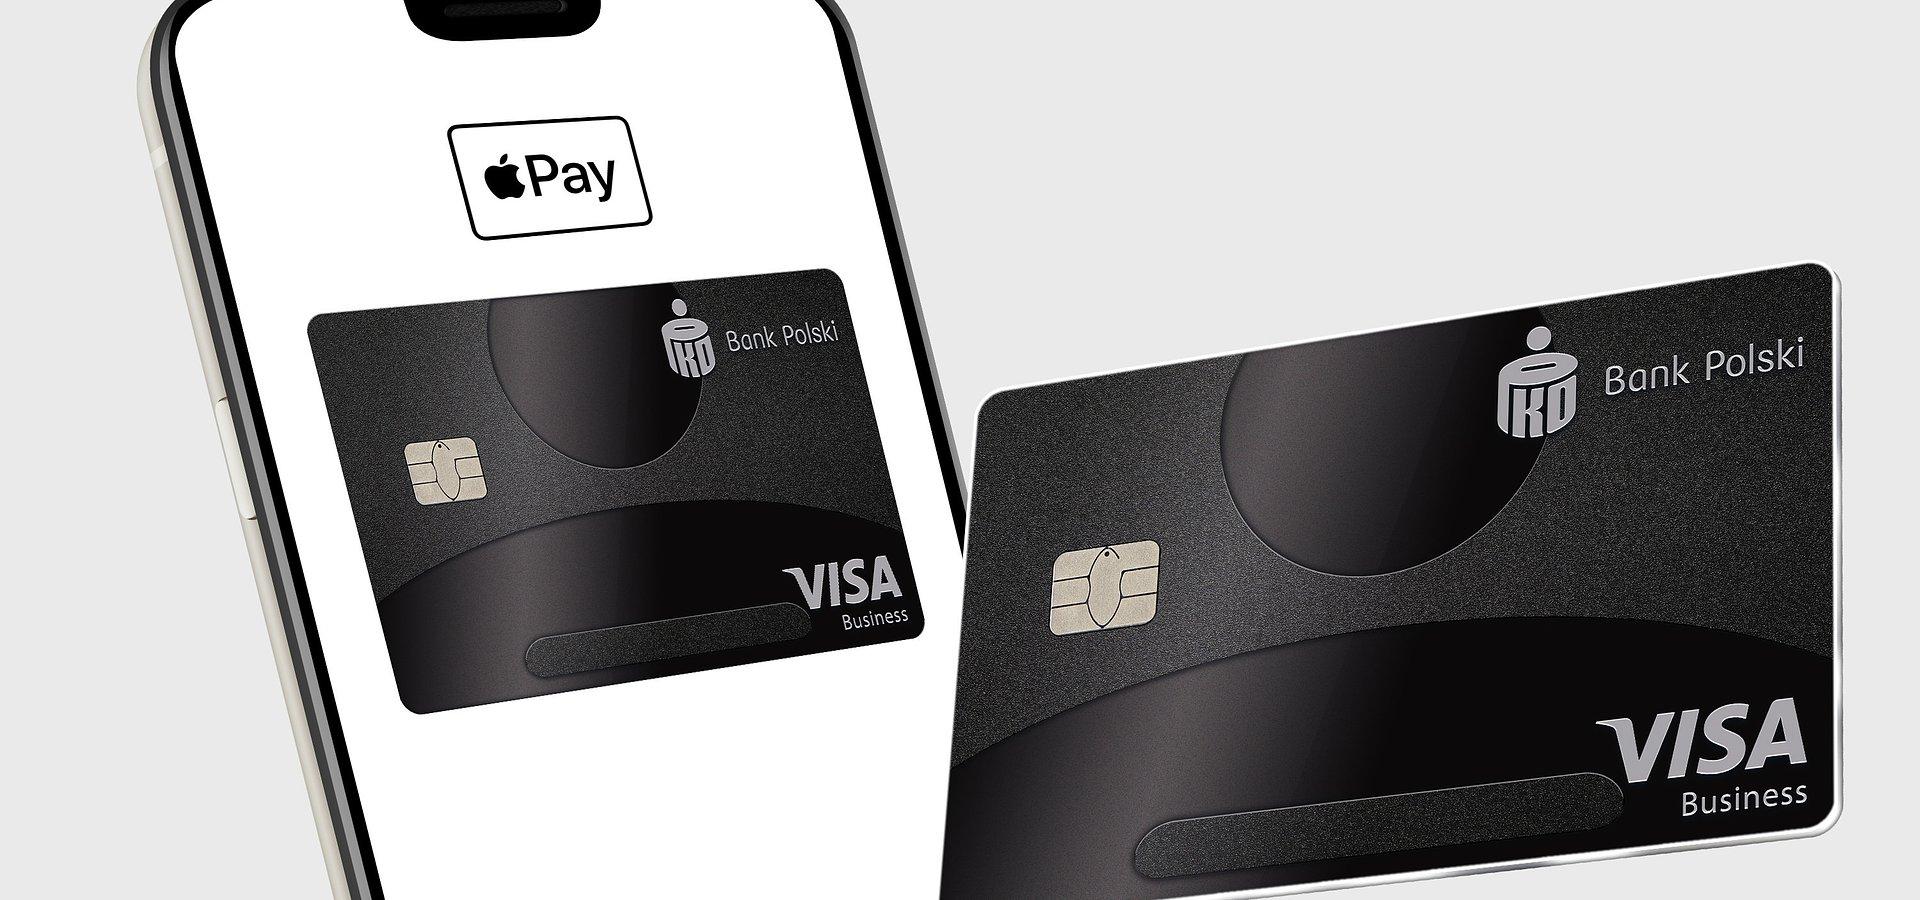 Metalowa karta kredytowa dla klientów korporacyjnych w PKO Banku Polskim